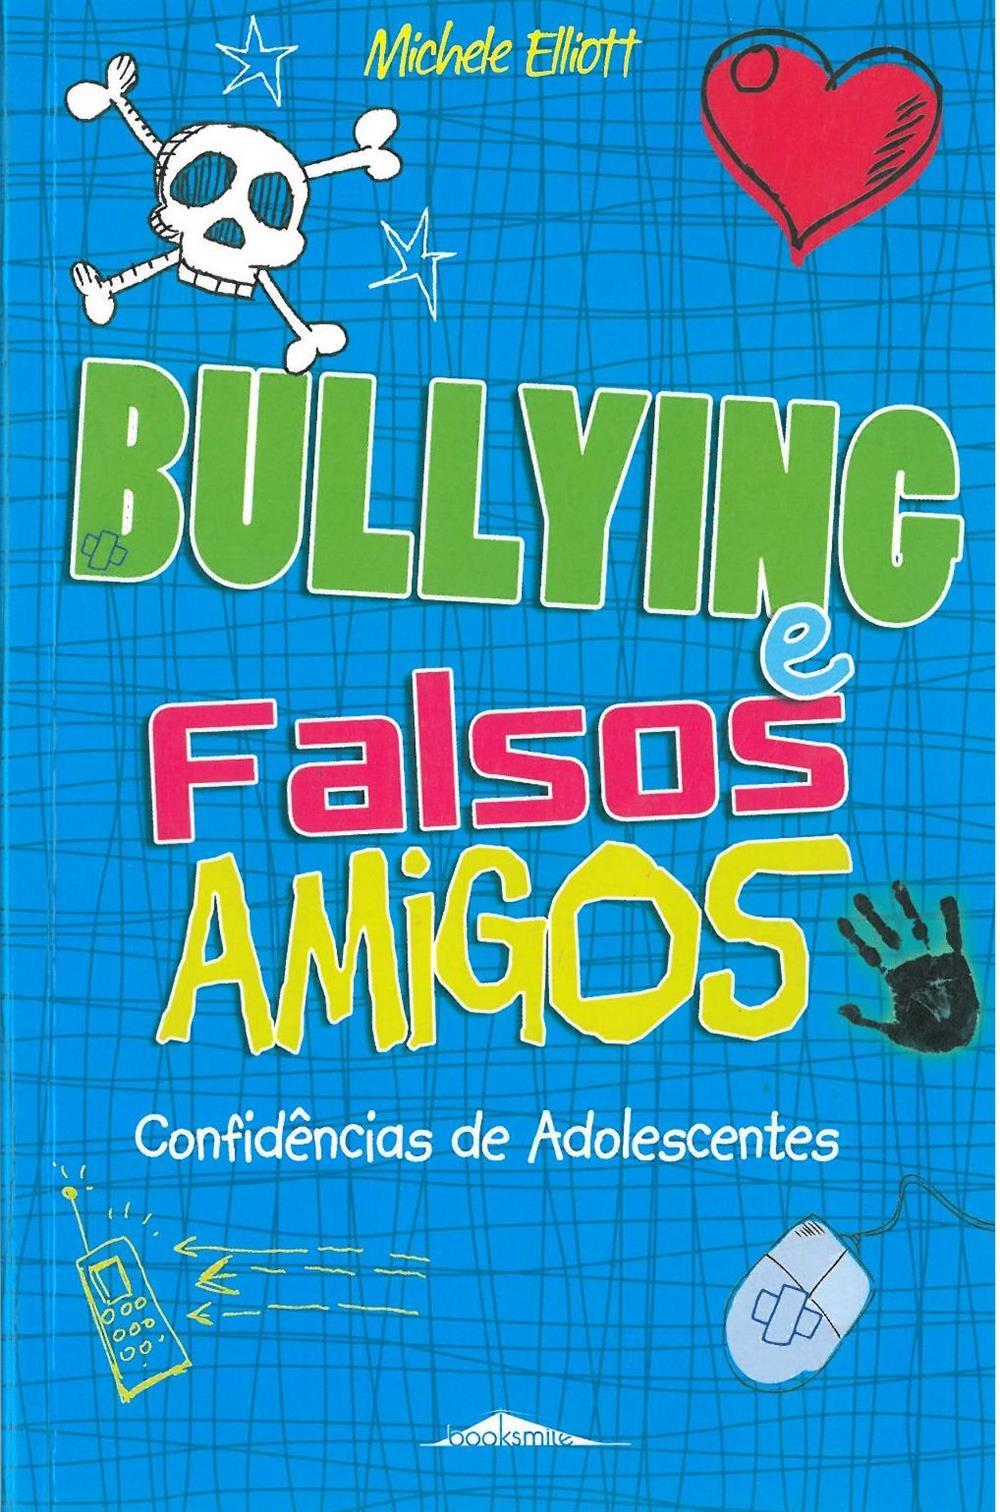 Bullying e falsos amigos_.jpg